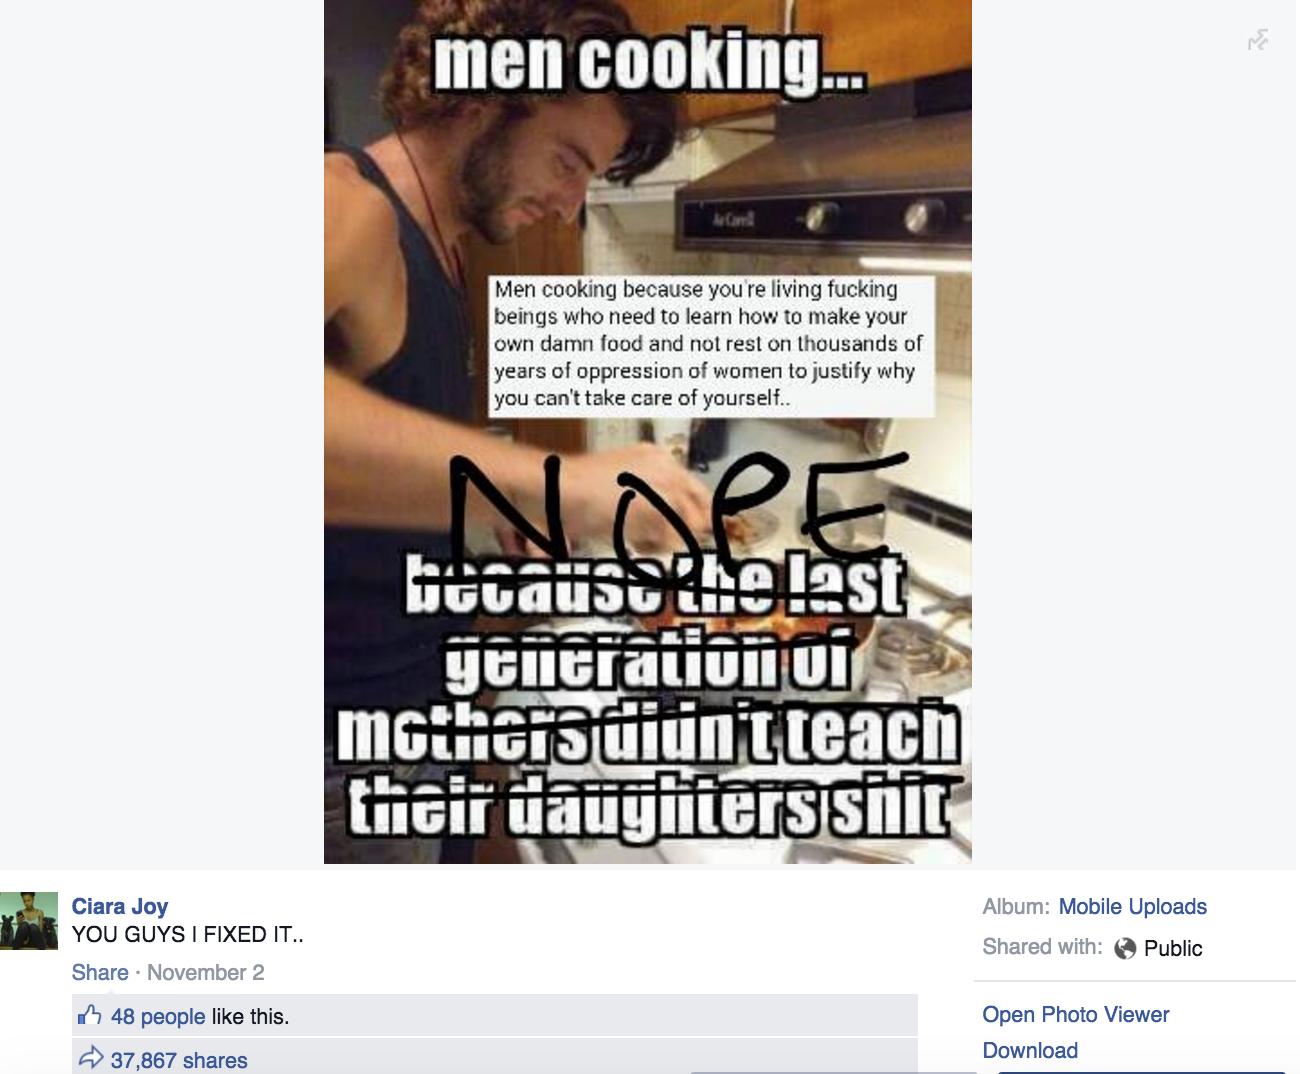 Ciara Joy's viral Facebook meme